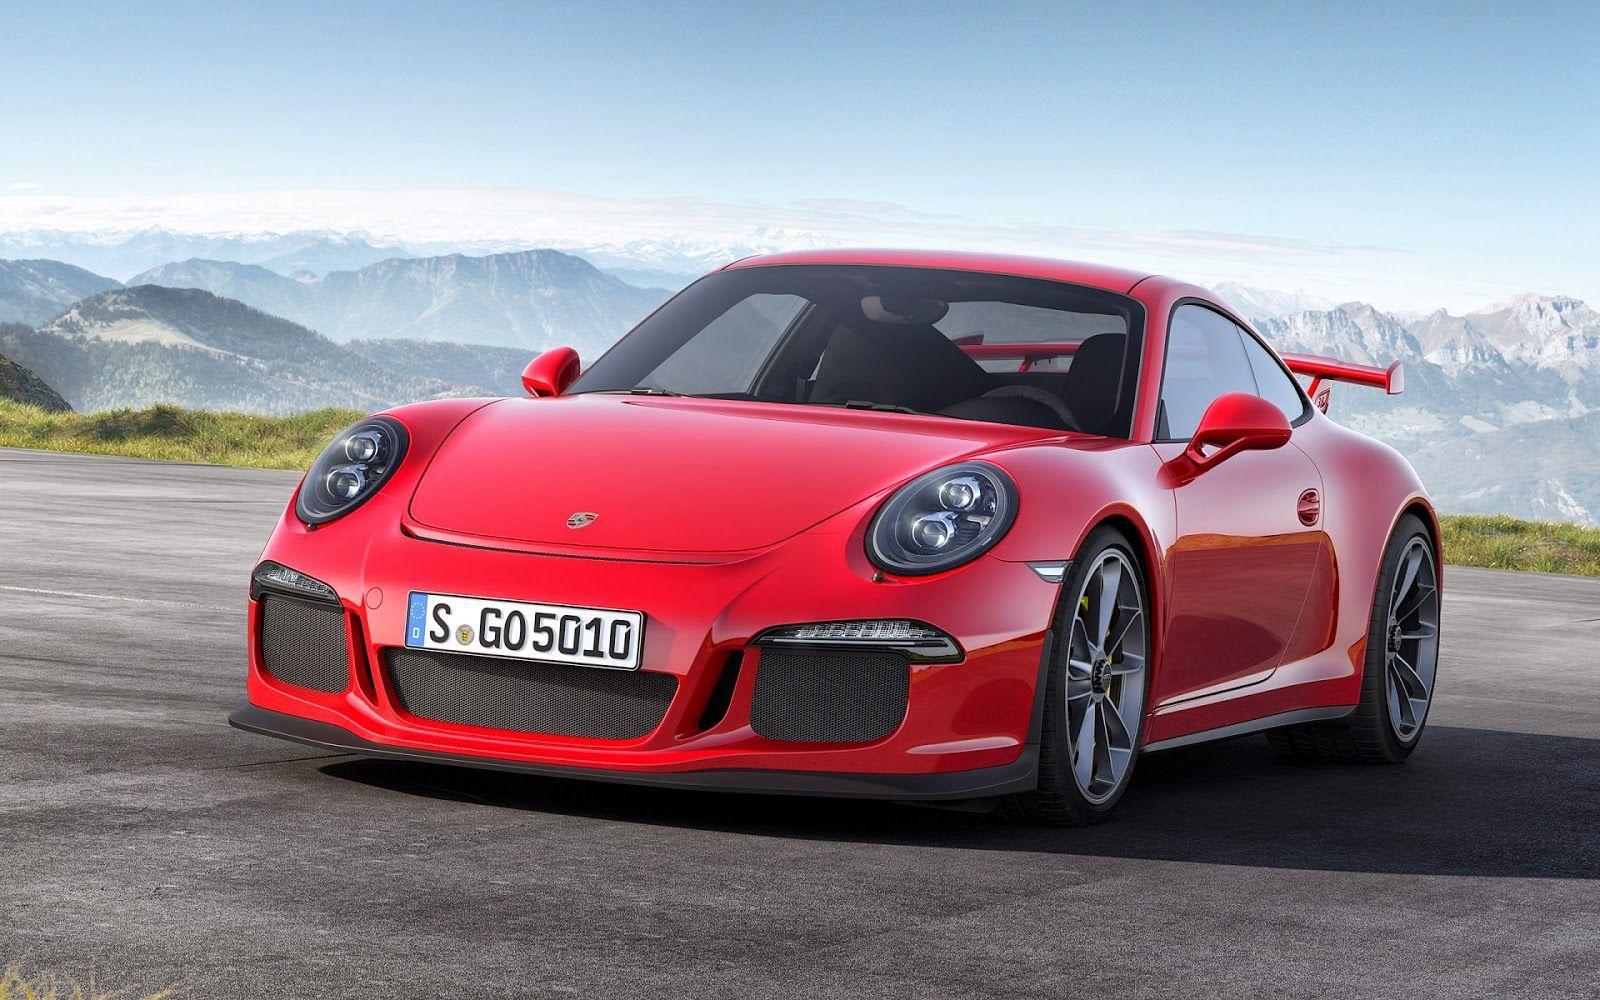 3000 Wallpapers Porsche Car Hd Wallpaper Porsche 911 Porsche 911 Gt3 Porsche